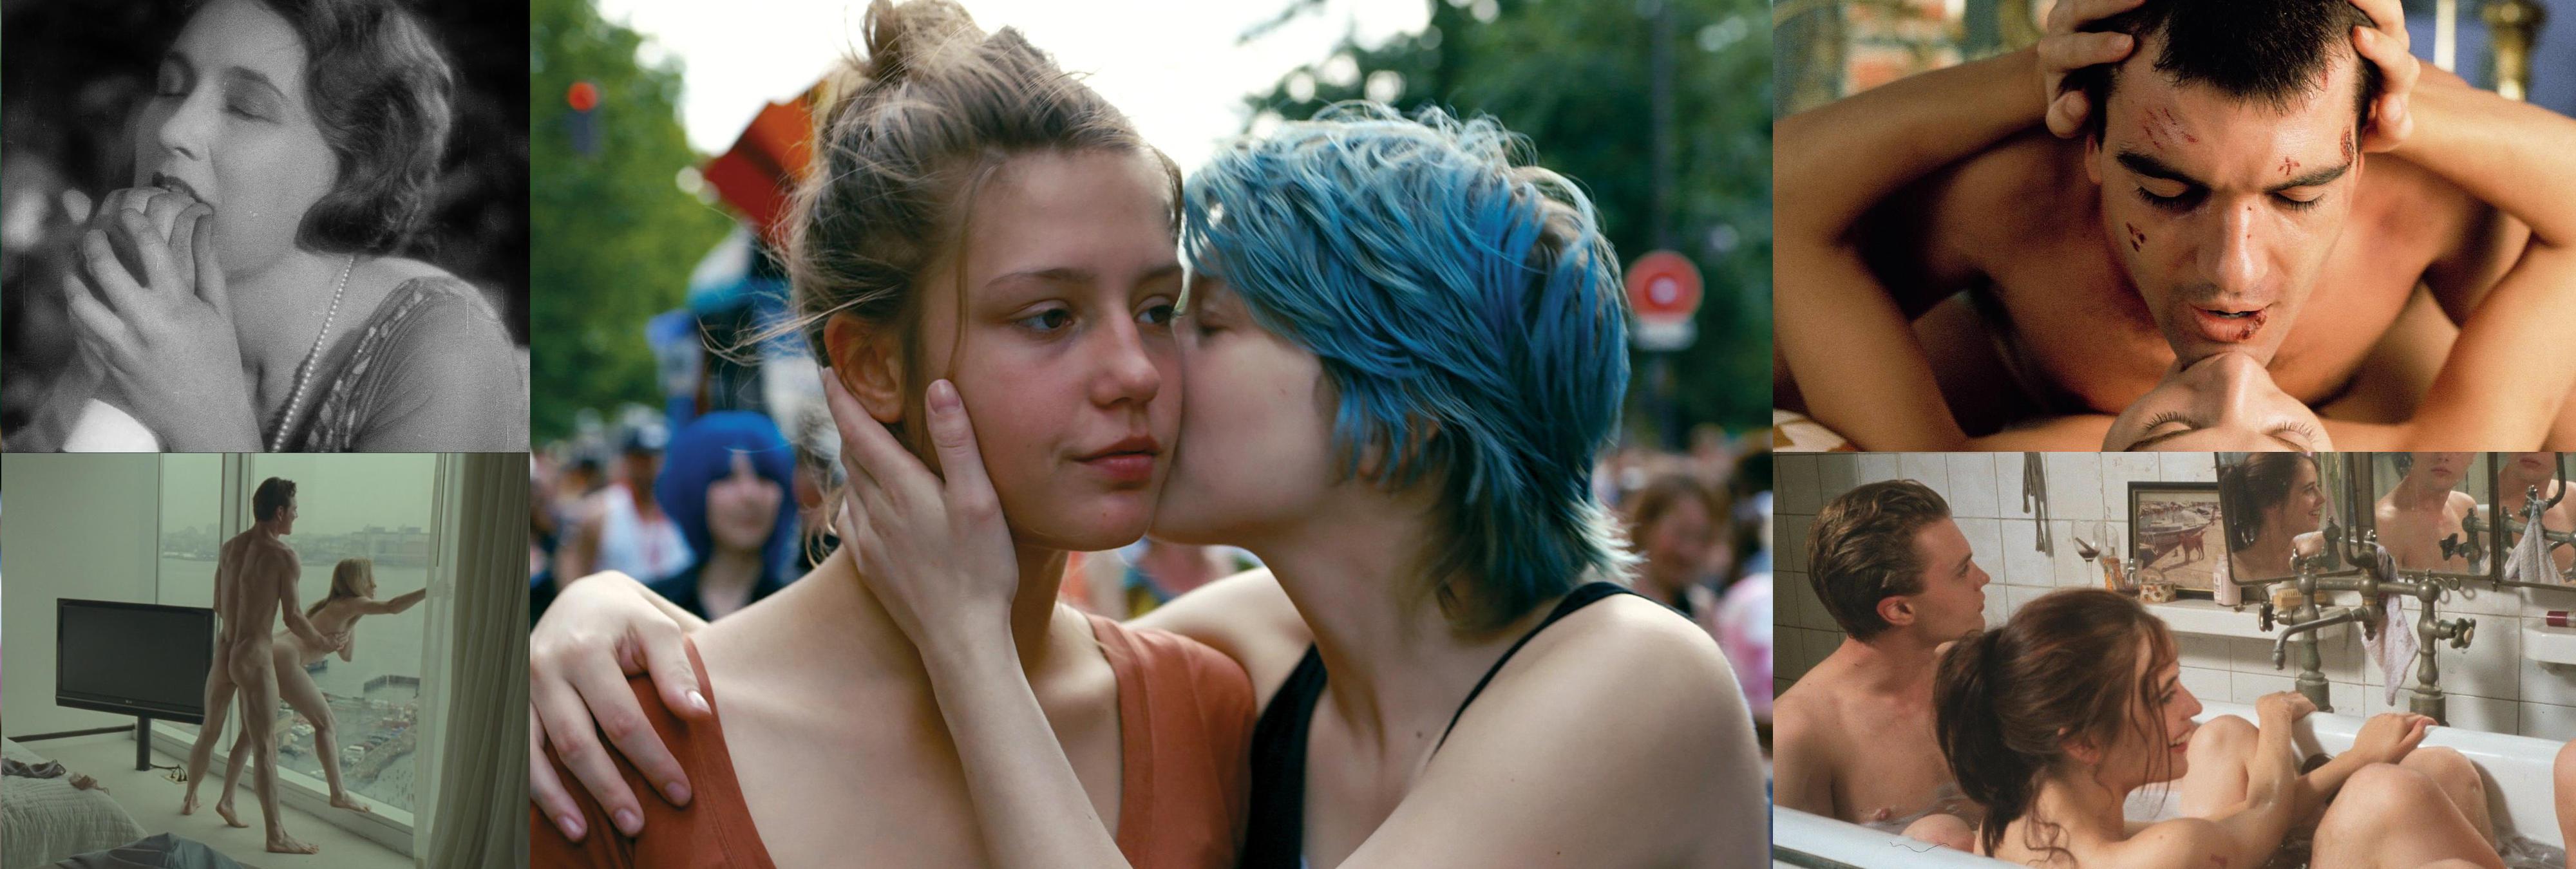 Las 15 mejores y más diversas escenas eróticas del cine